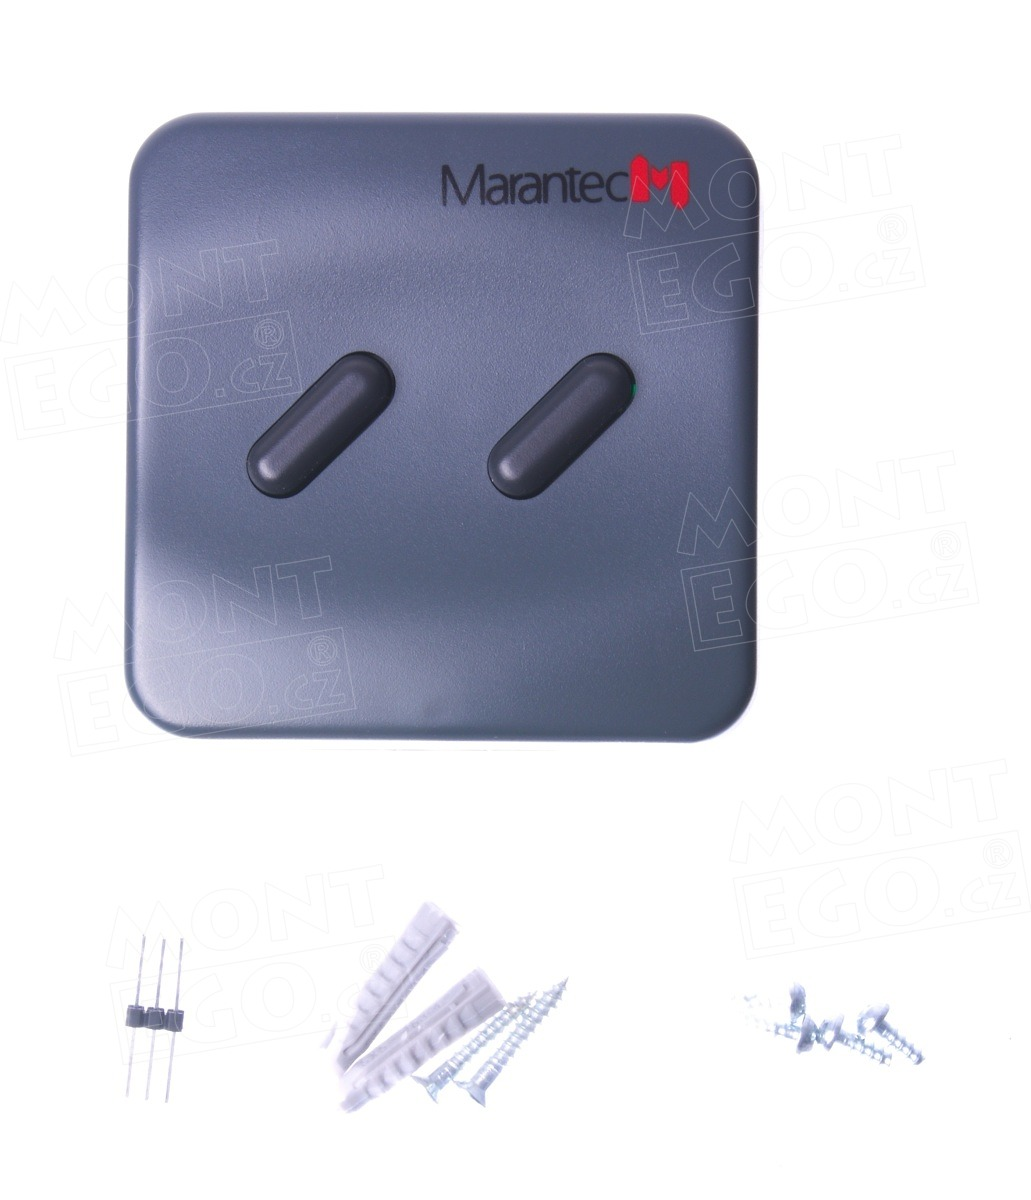 Marantec Command 131, bezdrátové 2 tlačítko pro pohony Marantec, 433,92 MHz